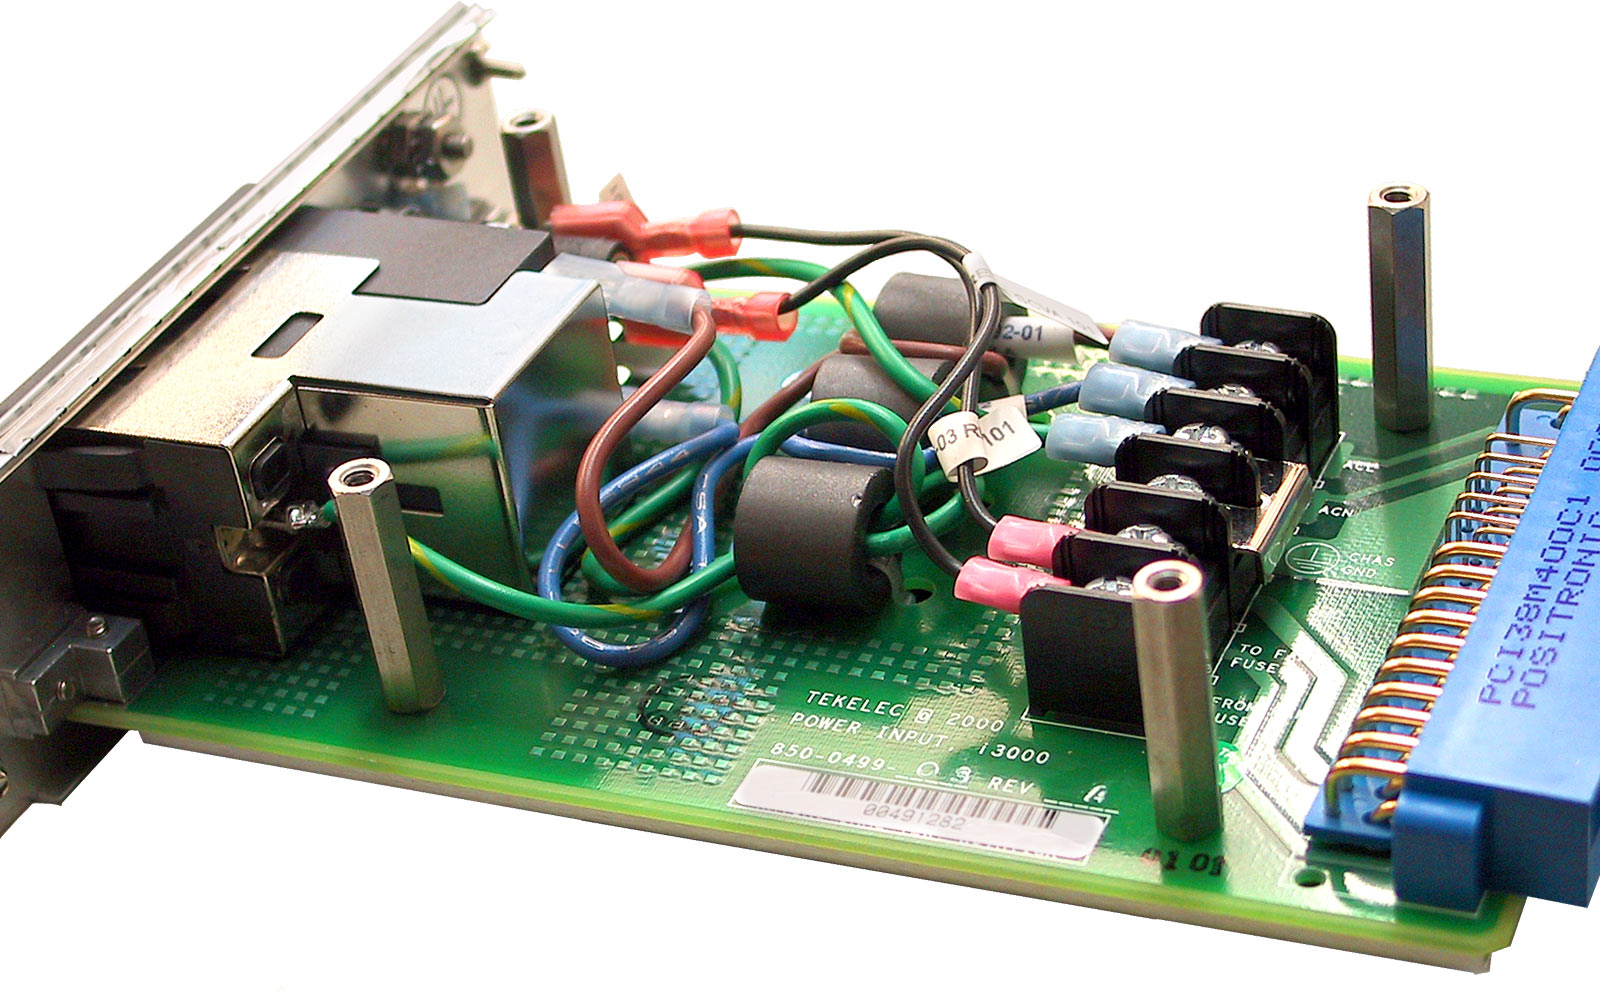 electromechanical box assemblies so